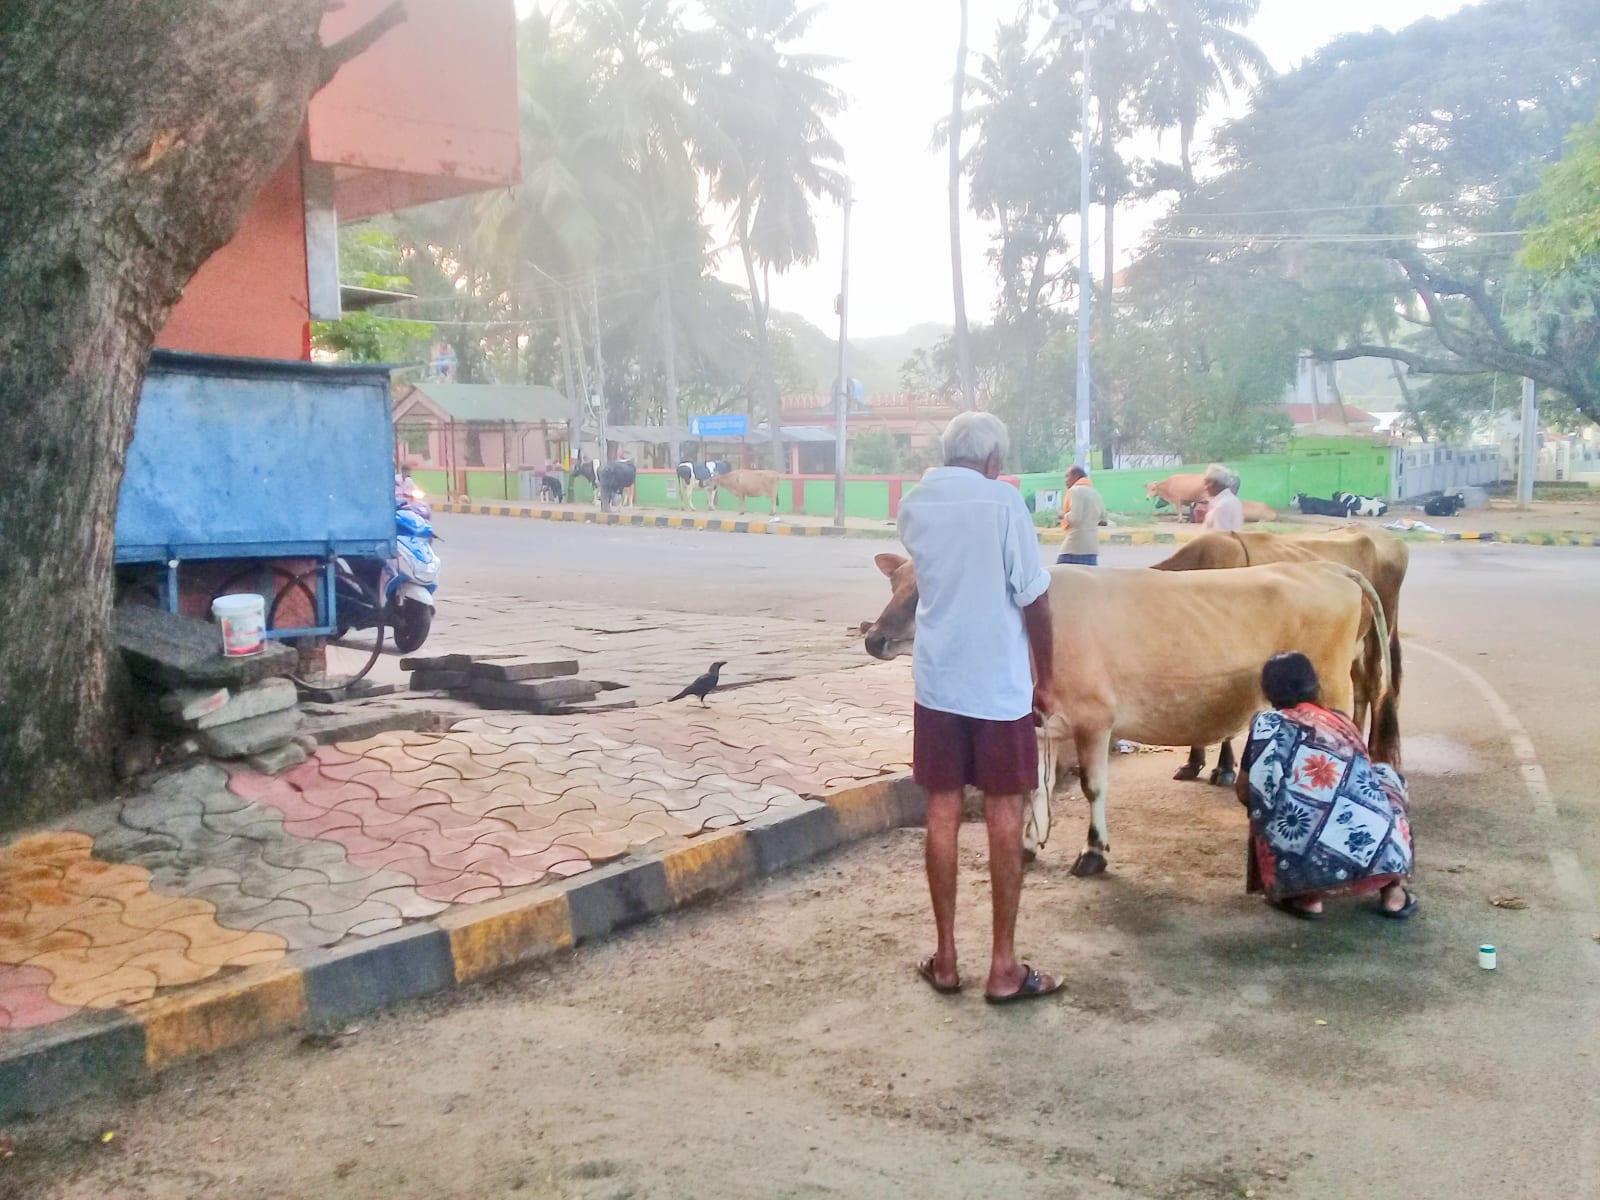 V Indii se vyplatí si přivstat. S východem slunce se totiž můžete vychutnat neméně romantické dojení pouličních krav. Maisúr, Indie